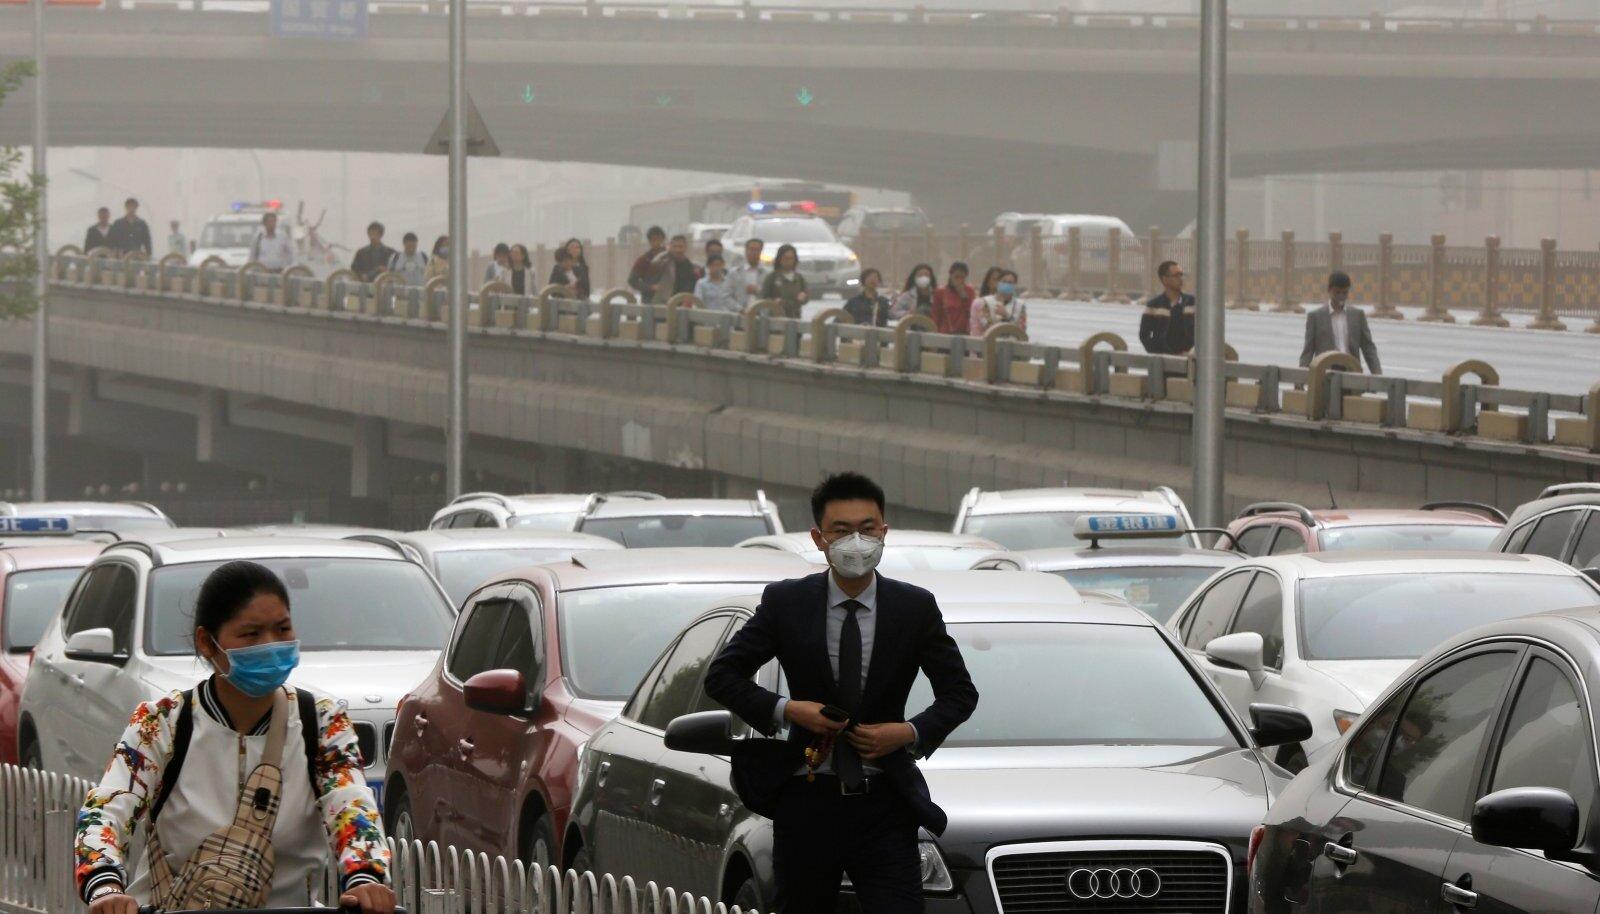 Õhureostusega ollakse kõige suuremas hädas Aasias. Näiteks Hiina suurlinnades kandsid inimesed maske vabatahtlikult juba enne koroonaviiruse leviku algust.